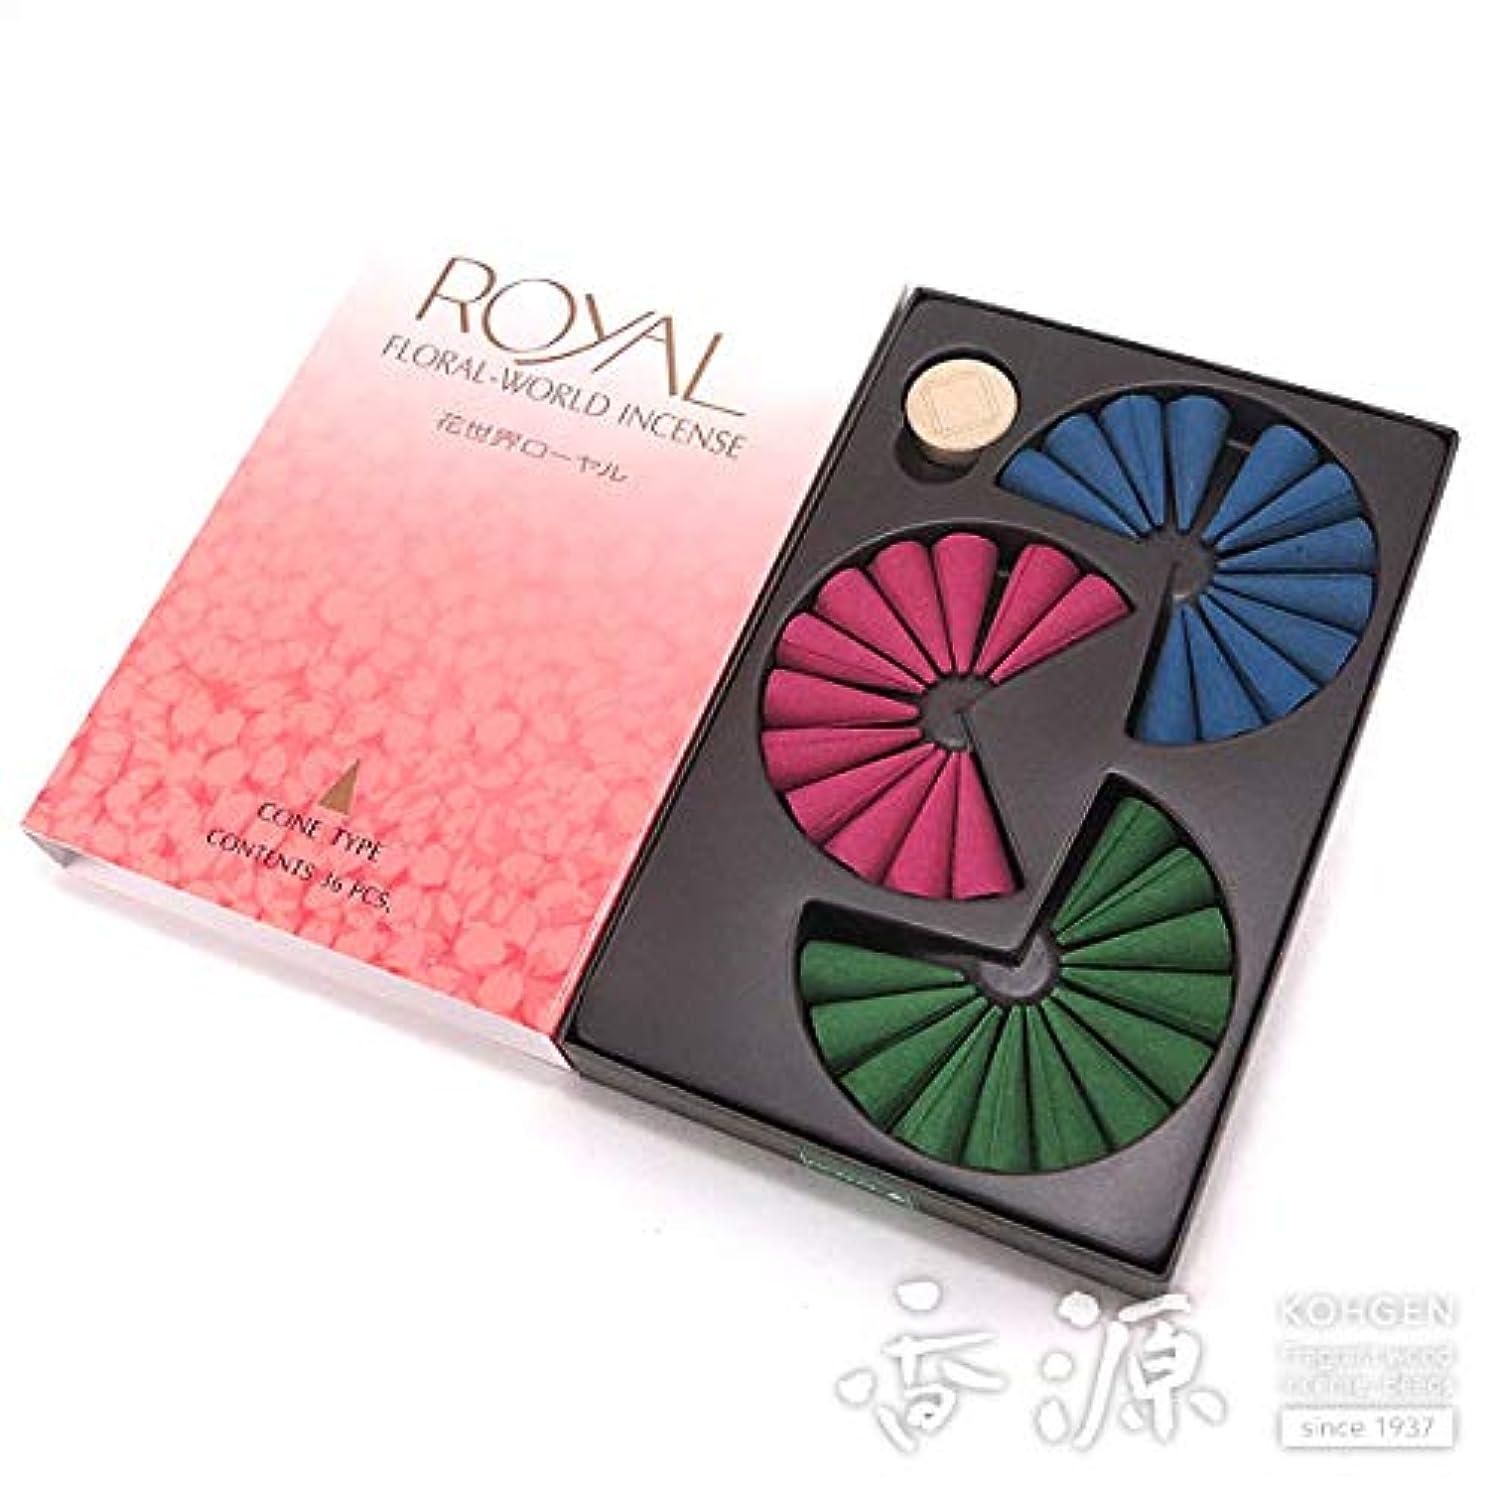 鼻嬉しいです興味松栄堂のお香 花世界ローヤル CO36粒入 簡易香立付 #220411